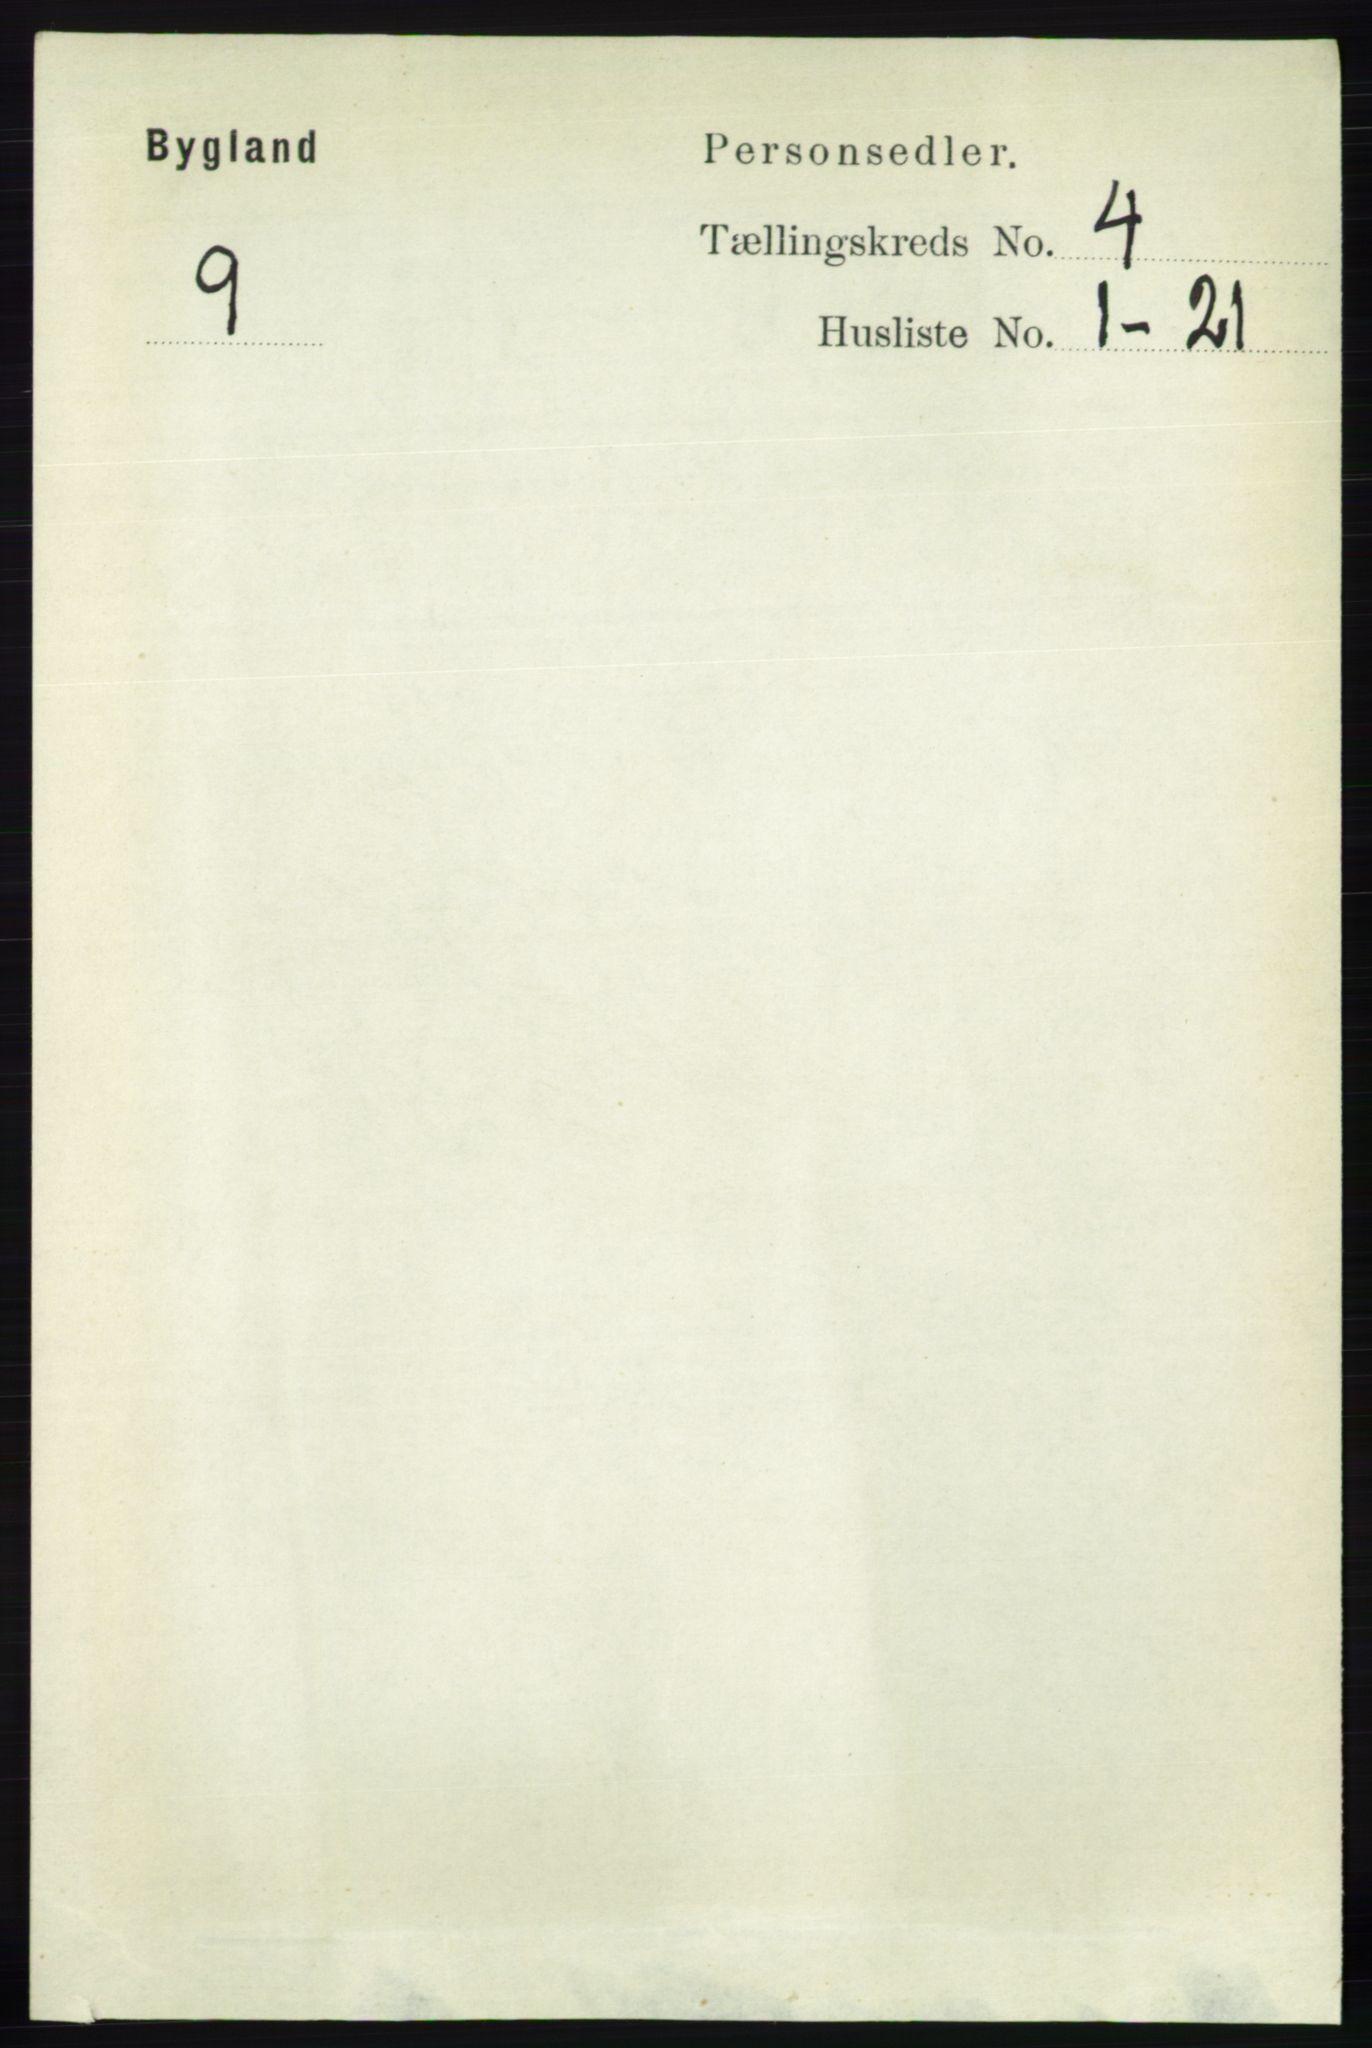 RA, Folketelling 1891 for 0938 Bygland herred, 1891, s. 851